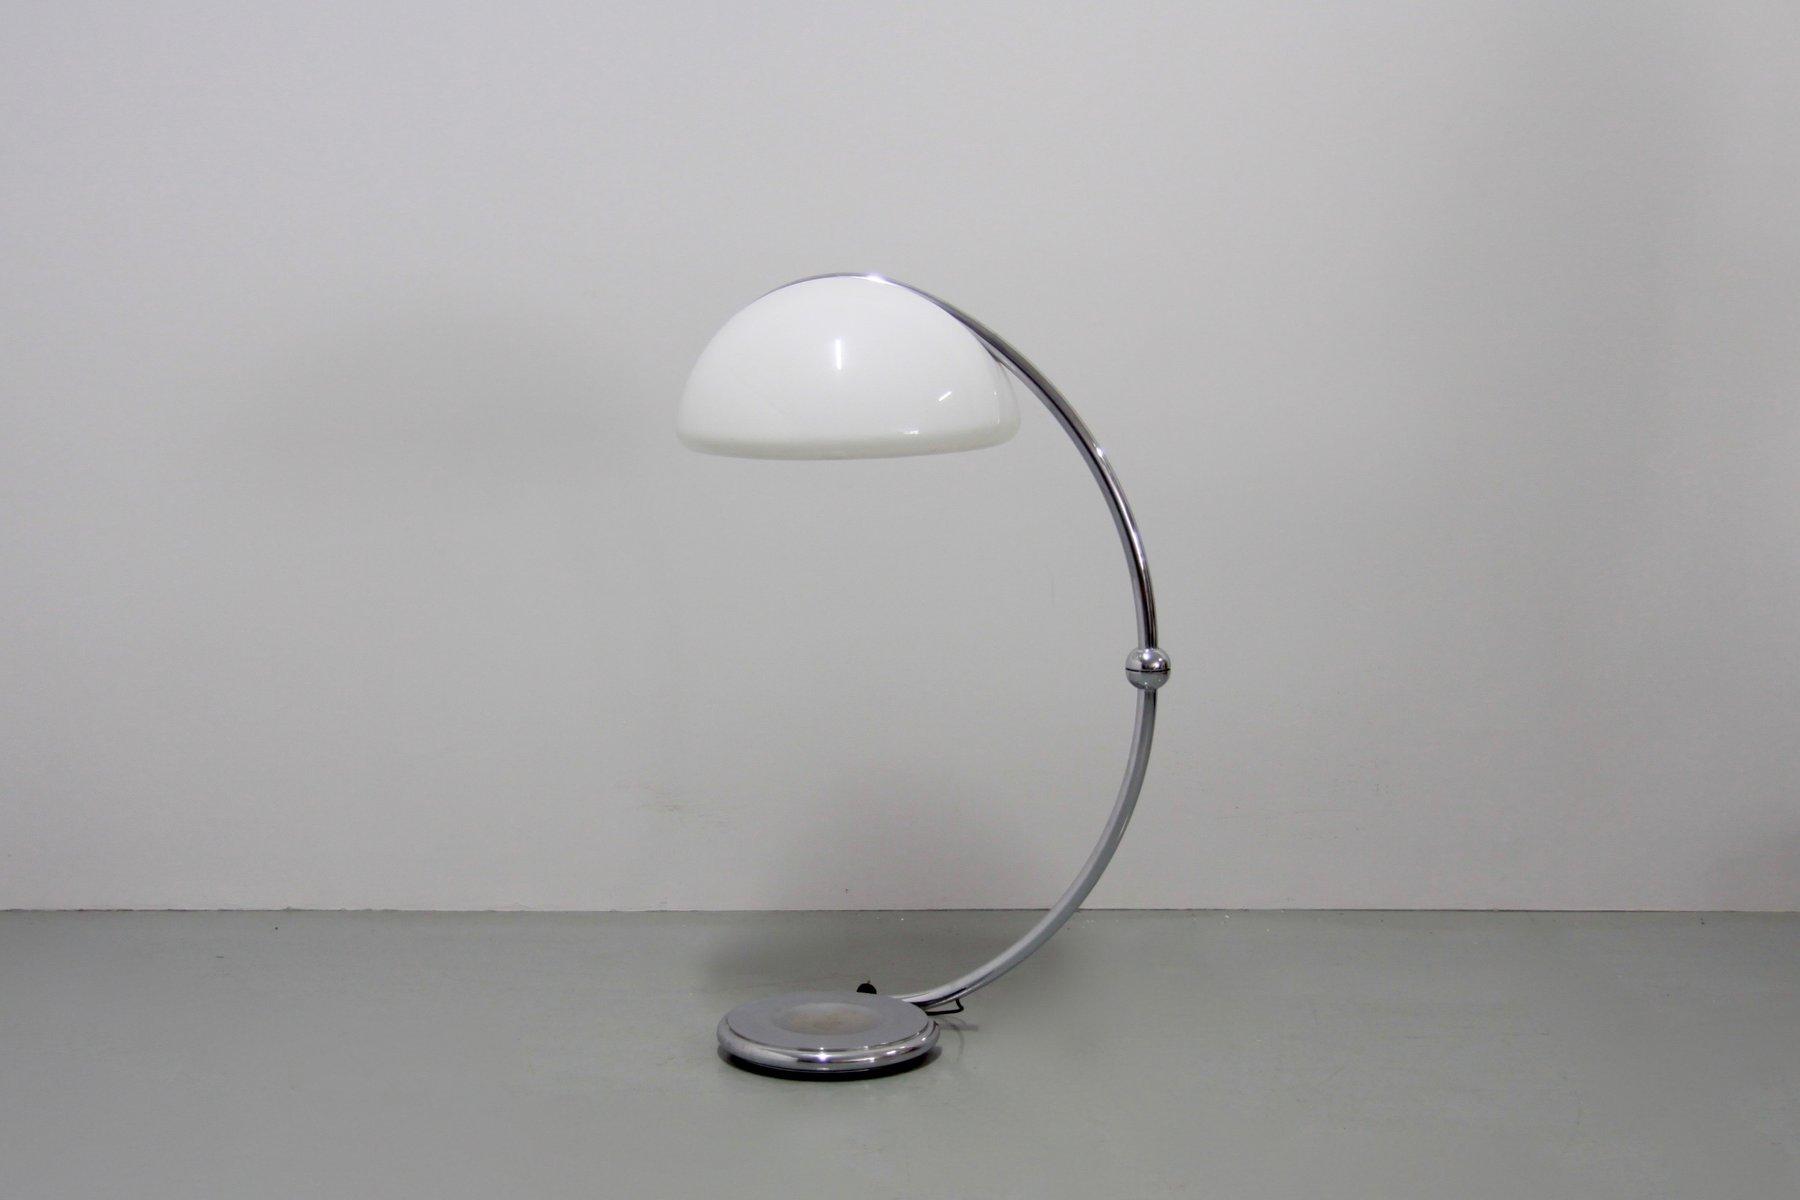 Serpente Chrom Stehlampe von Elio Martinelli für Martinelli Luce, 1970...